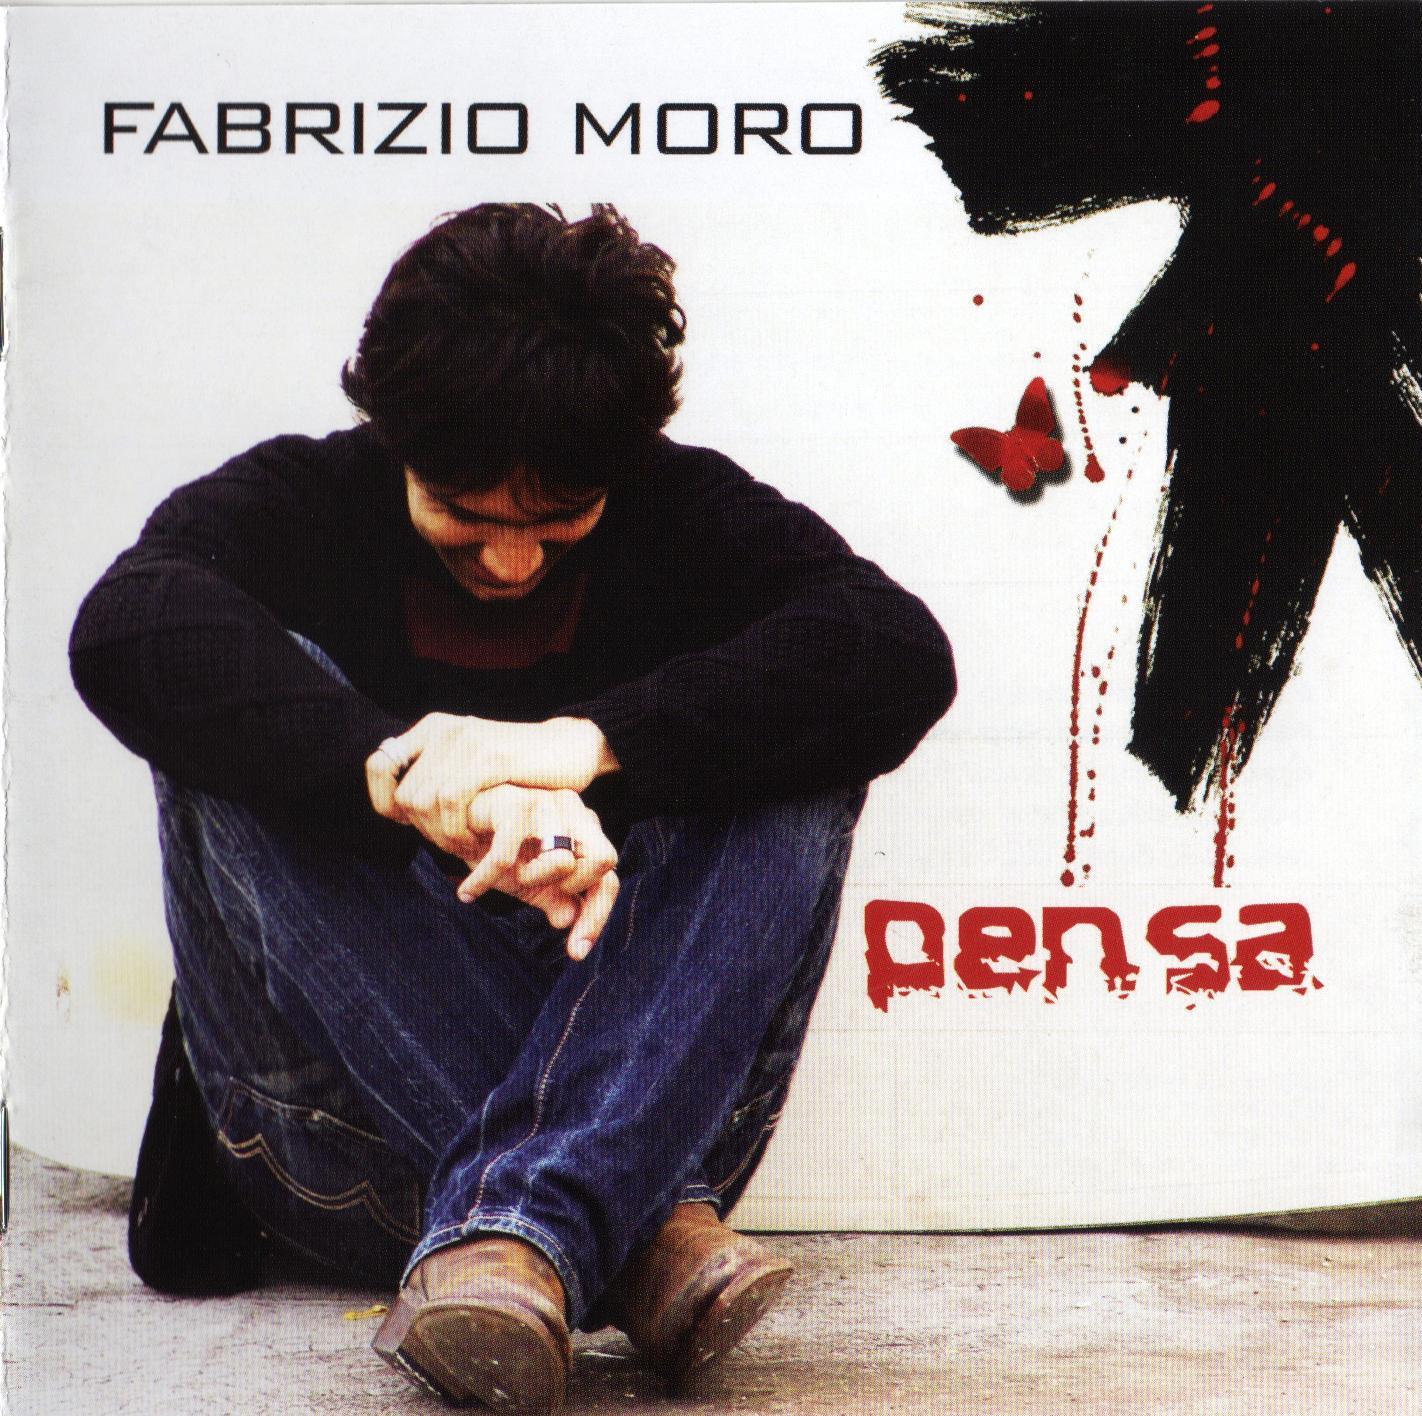 Fabrizio Moro - Pensa - front